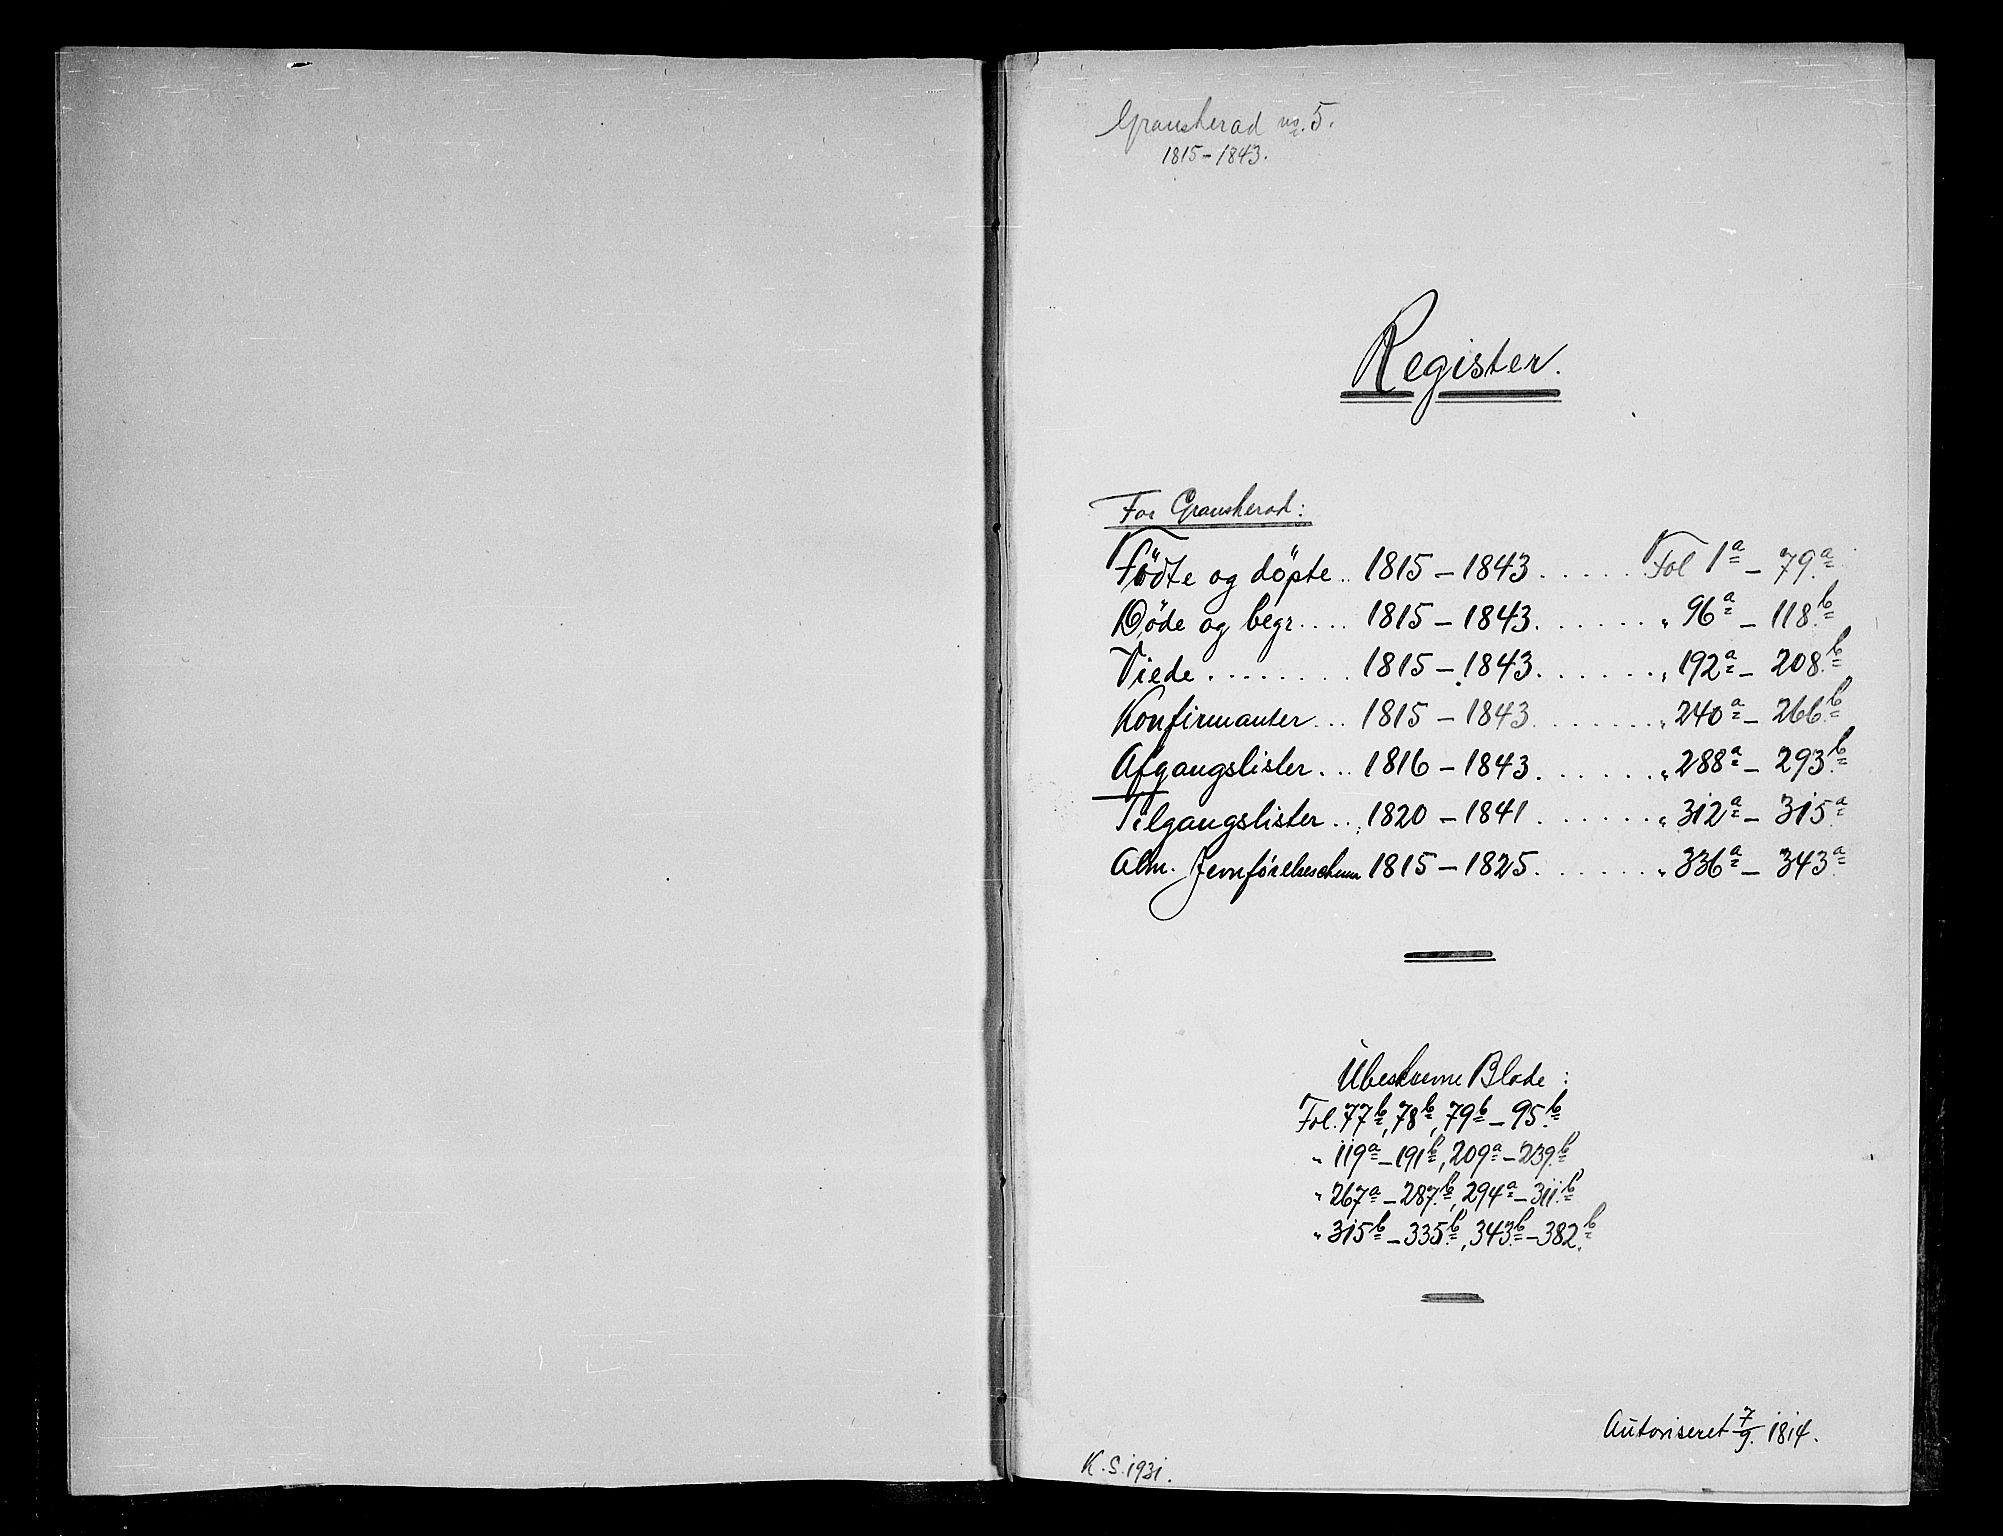 SAKO, Gransherad kirkebøker, F/Fa/L0001: Ministerialbok nr. I 1, 1815-1843